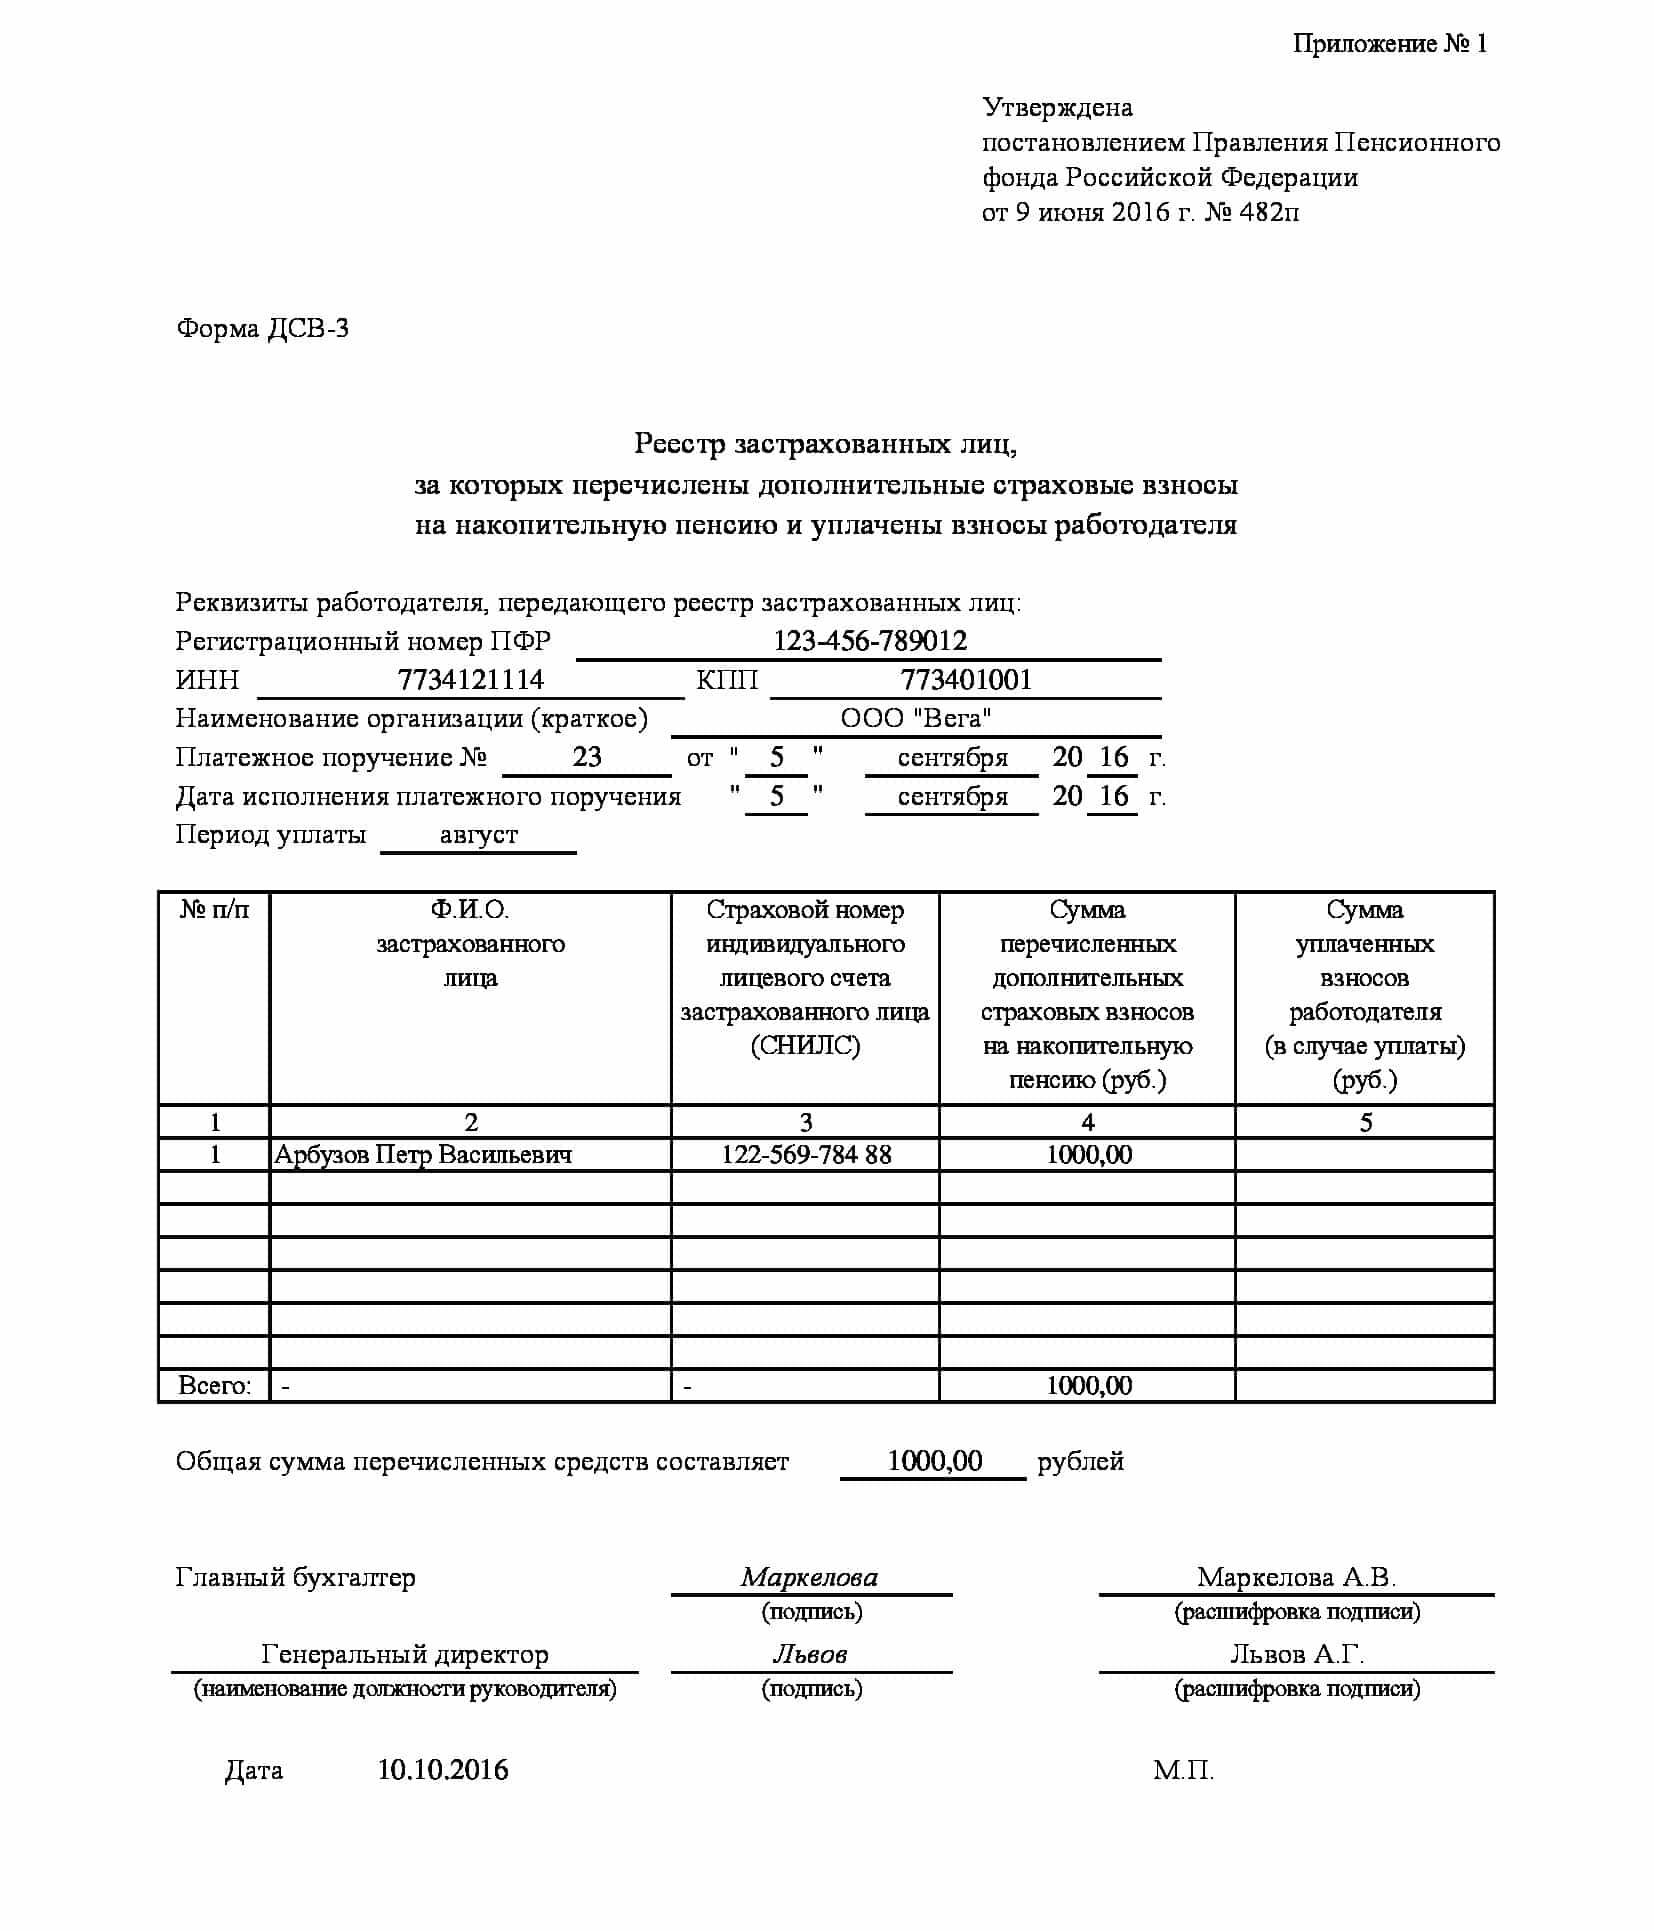 образец заполнения декларации ДСВ-3